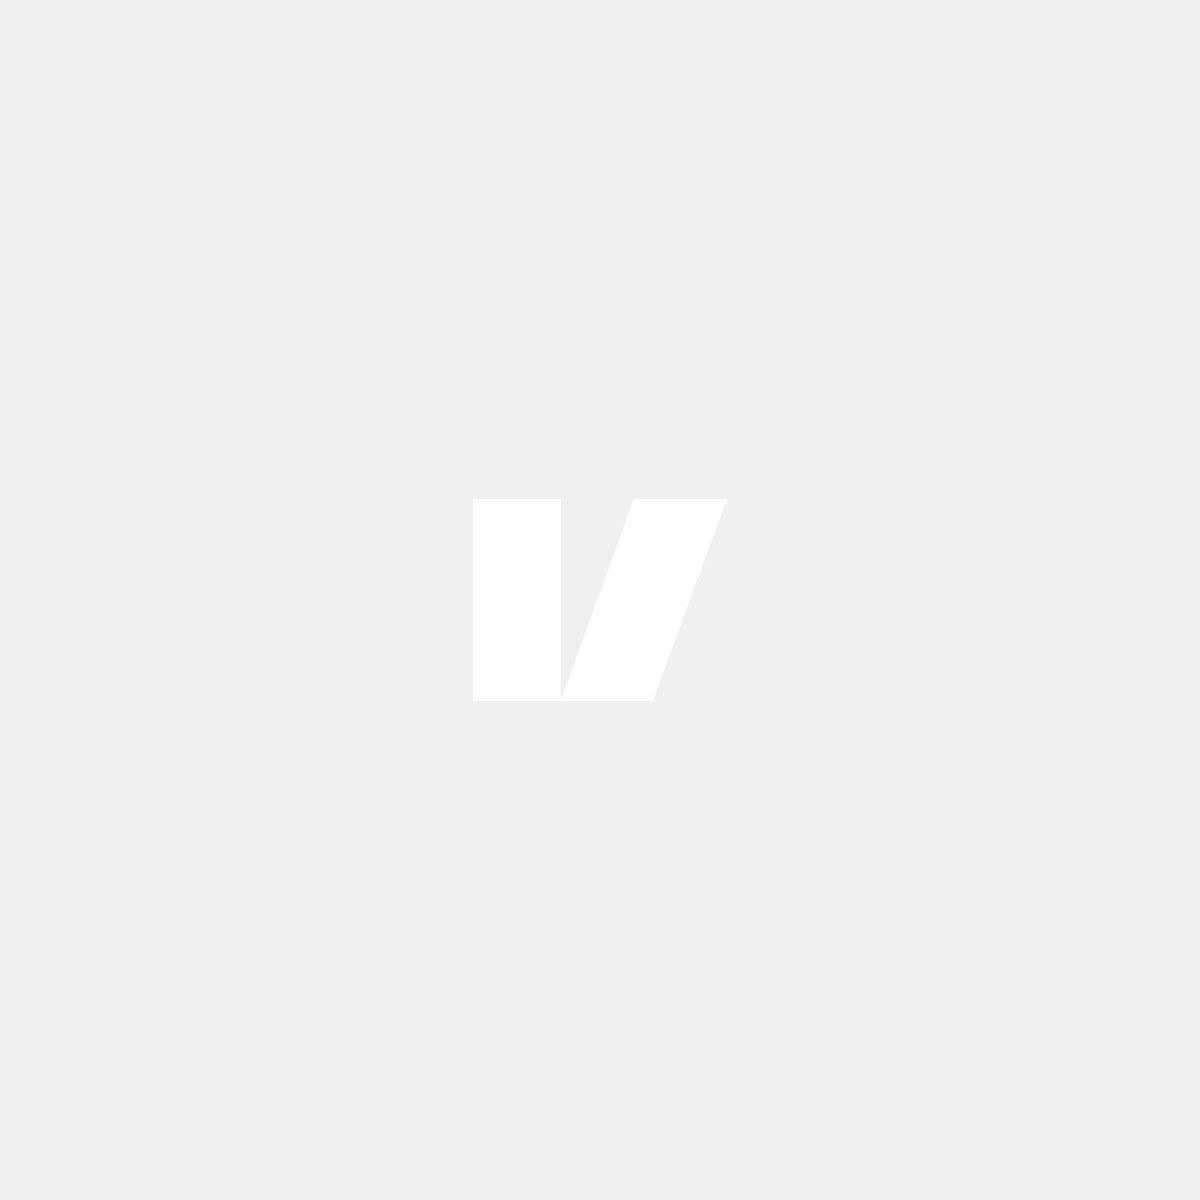 volvo v70 parts catalog html